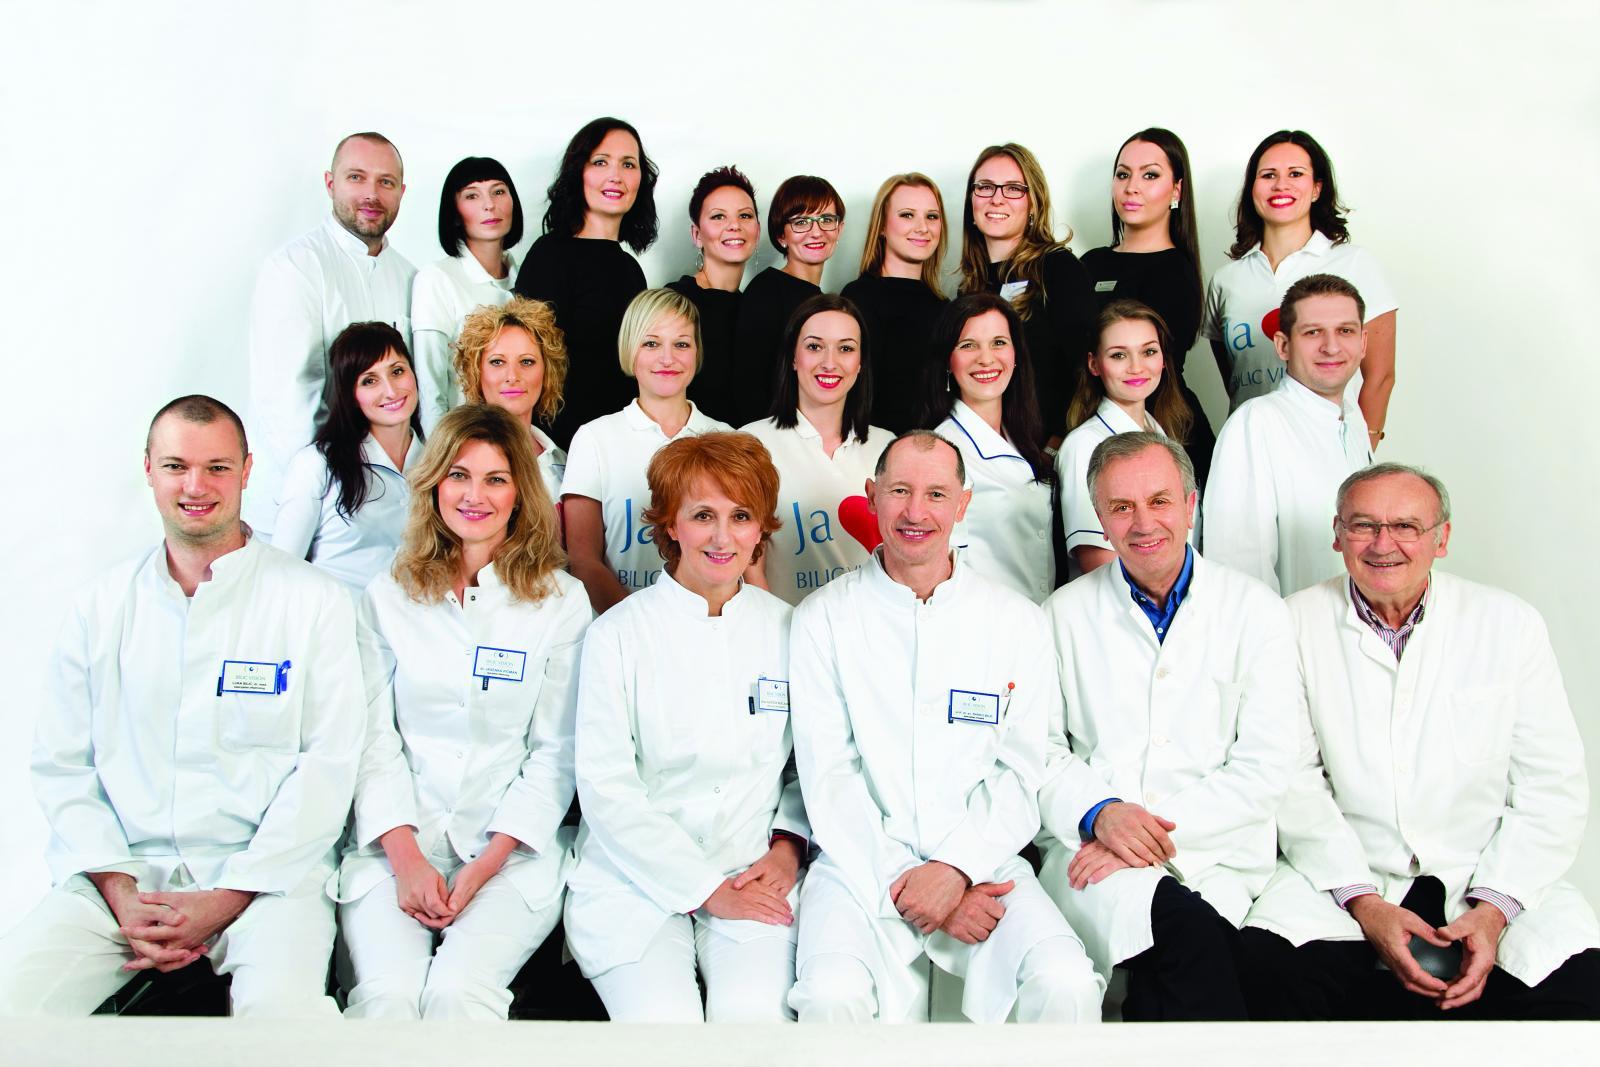 Već dva desetljeća Bilić Vision podiže standarde u oftamologiji.